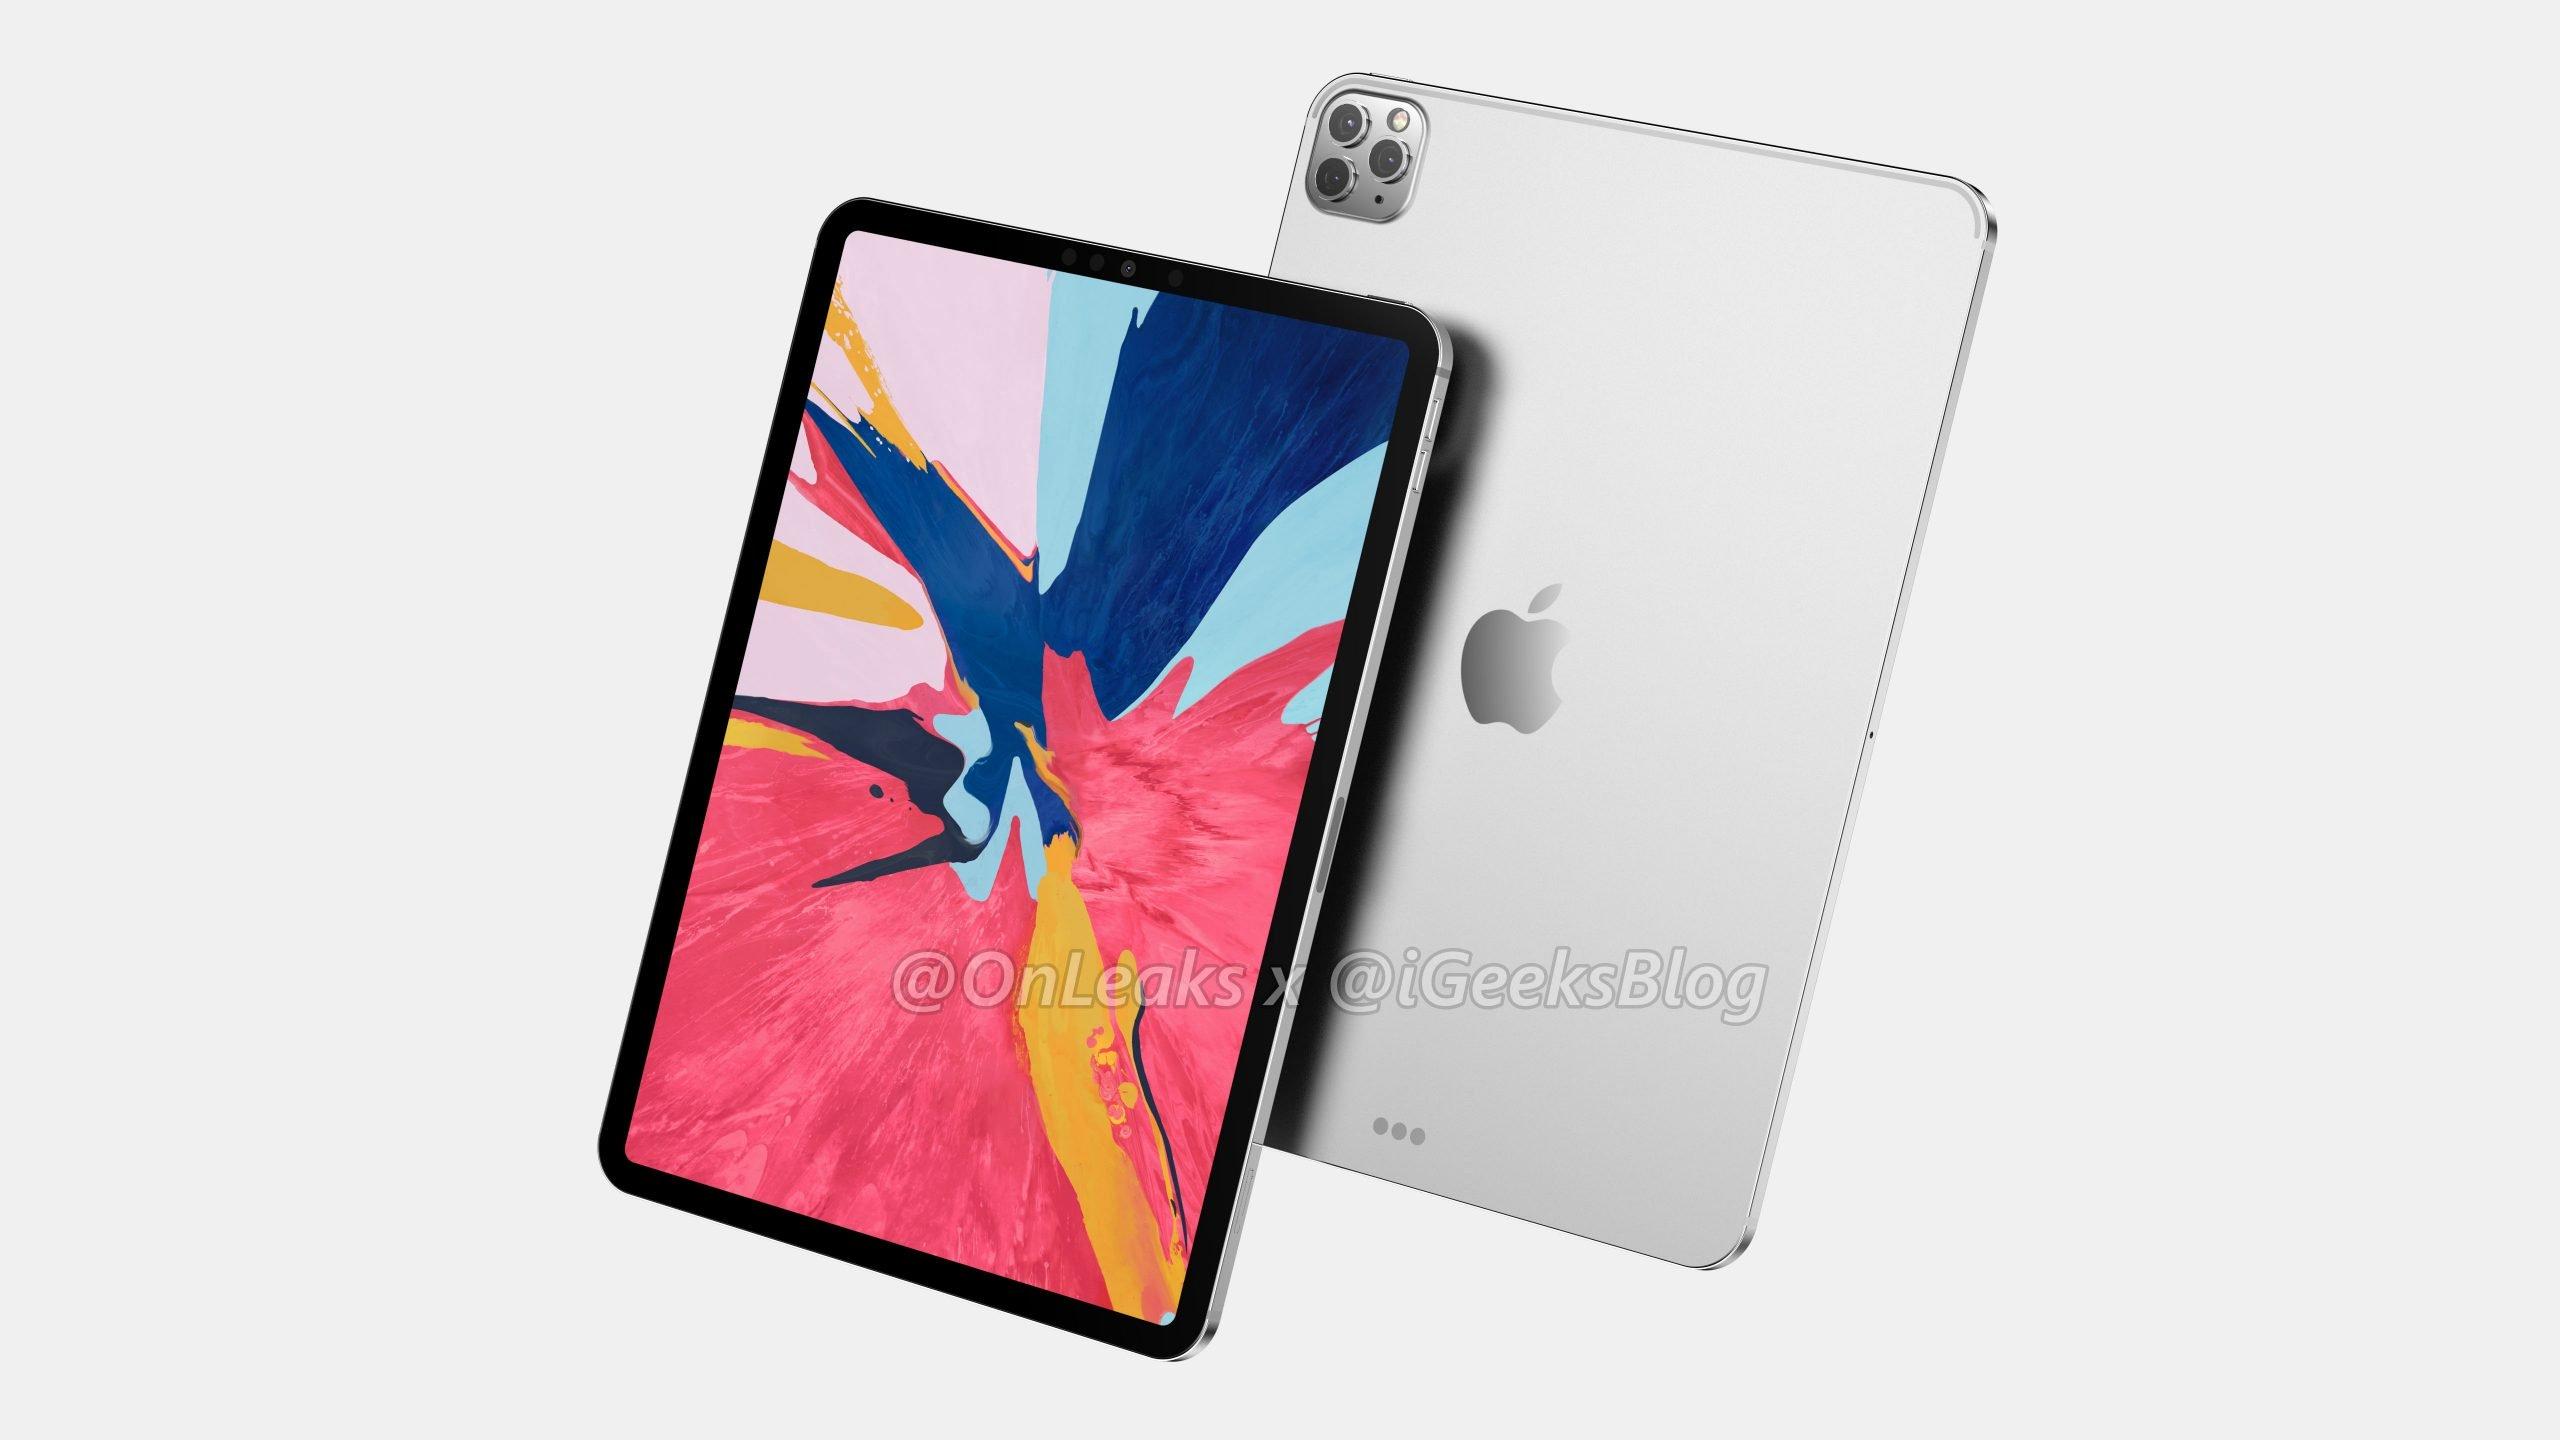 3眼カメラ搭載の新型iPad Proか、未発表iPadの存在確認